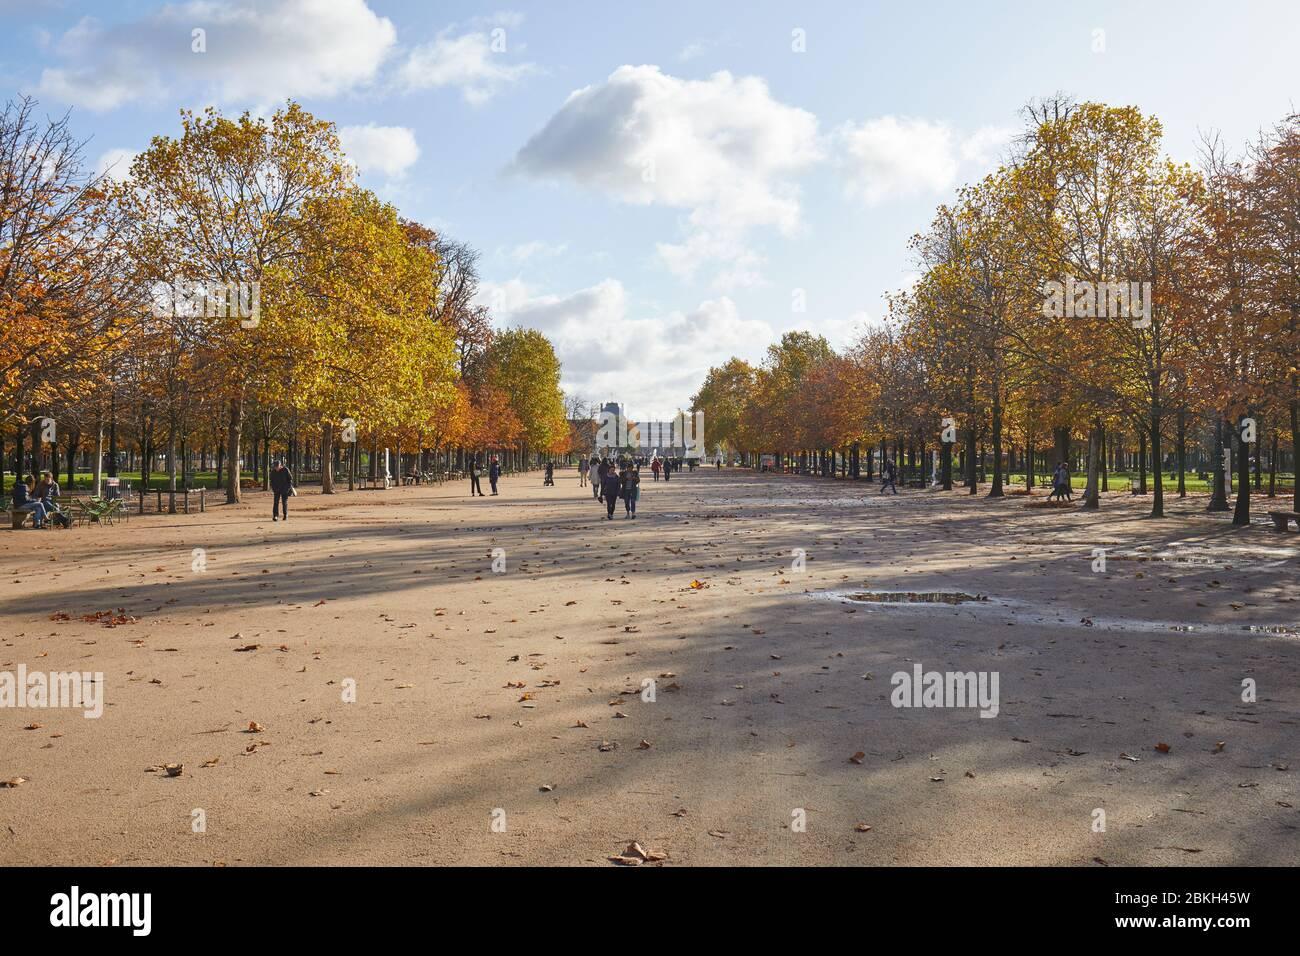 PARIS - 7 NOVEMBRE 2019: Jardin des Tuileries, promenade avec les gens dans une journée ensoleillée d'automne à Paris, vue grand angle Banque D'Images